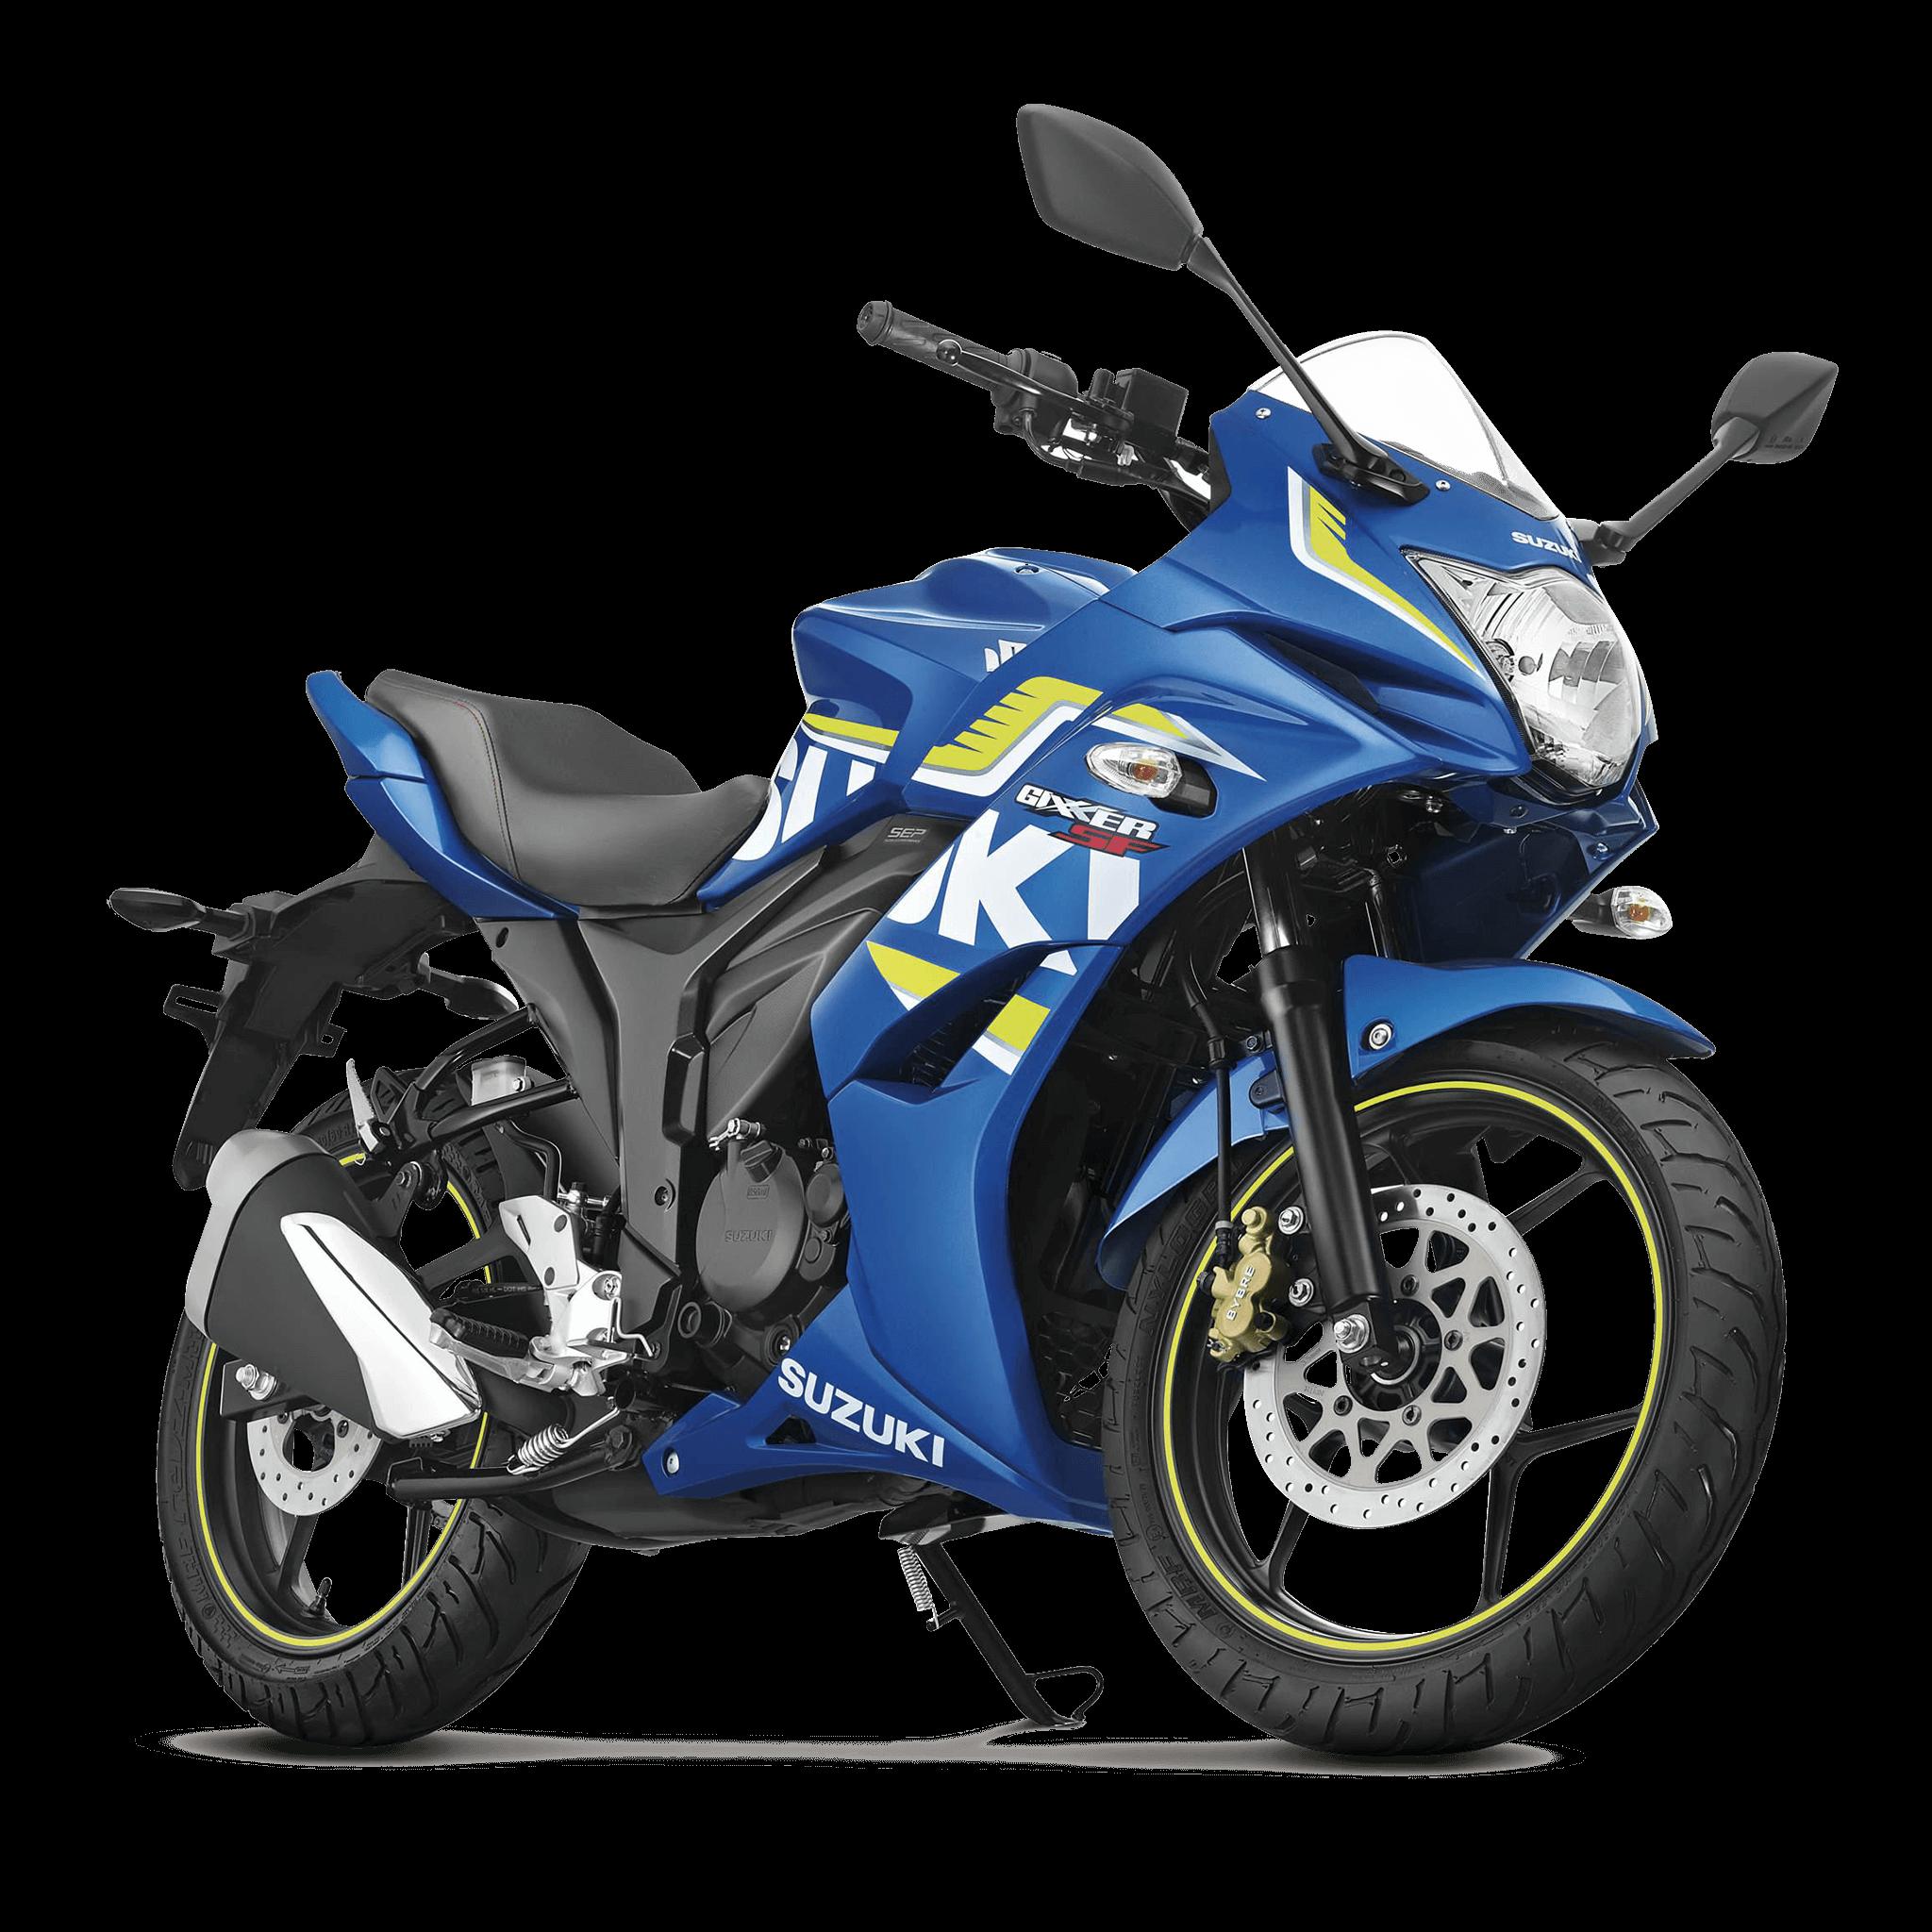 Suzuki PNG Free Download